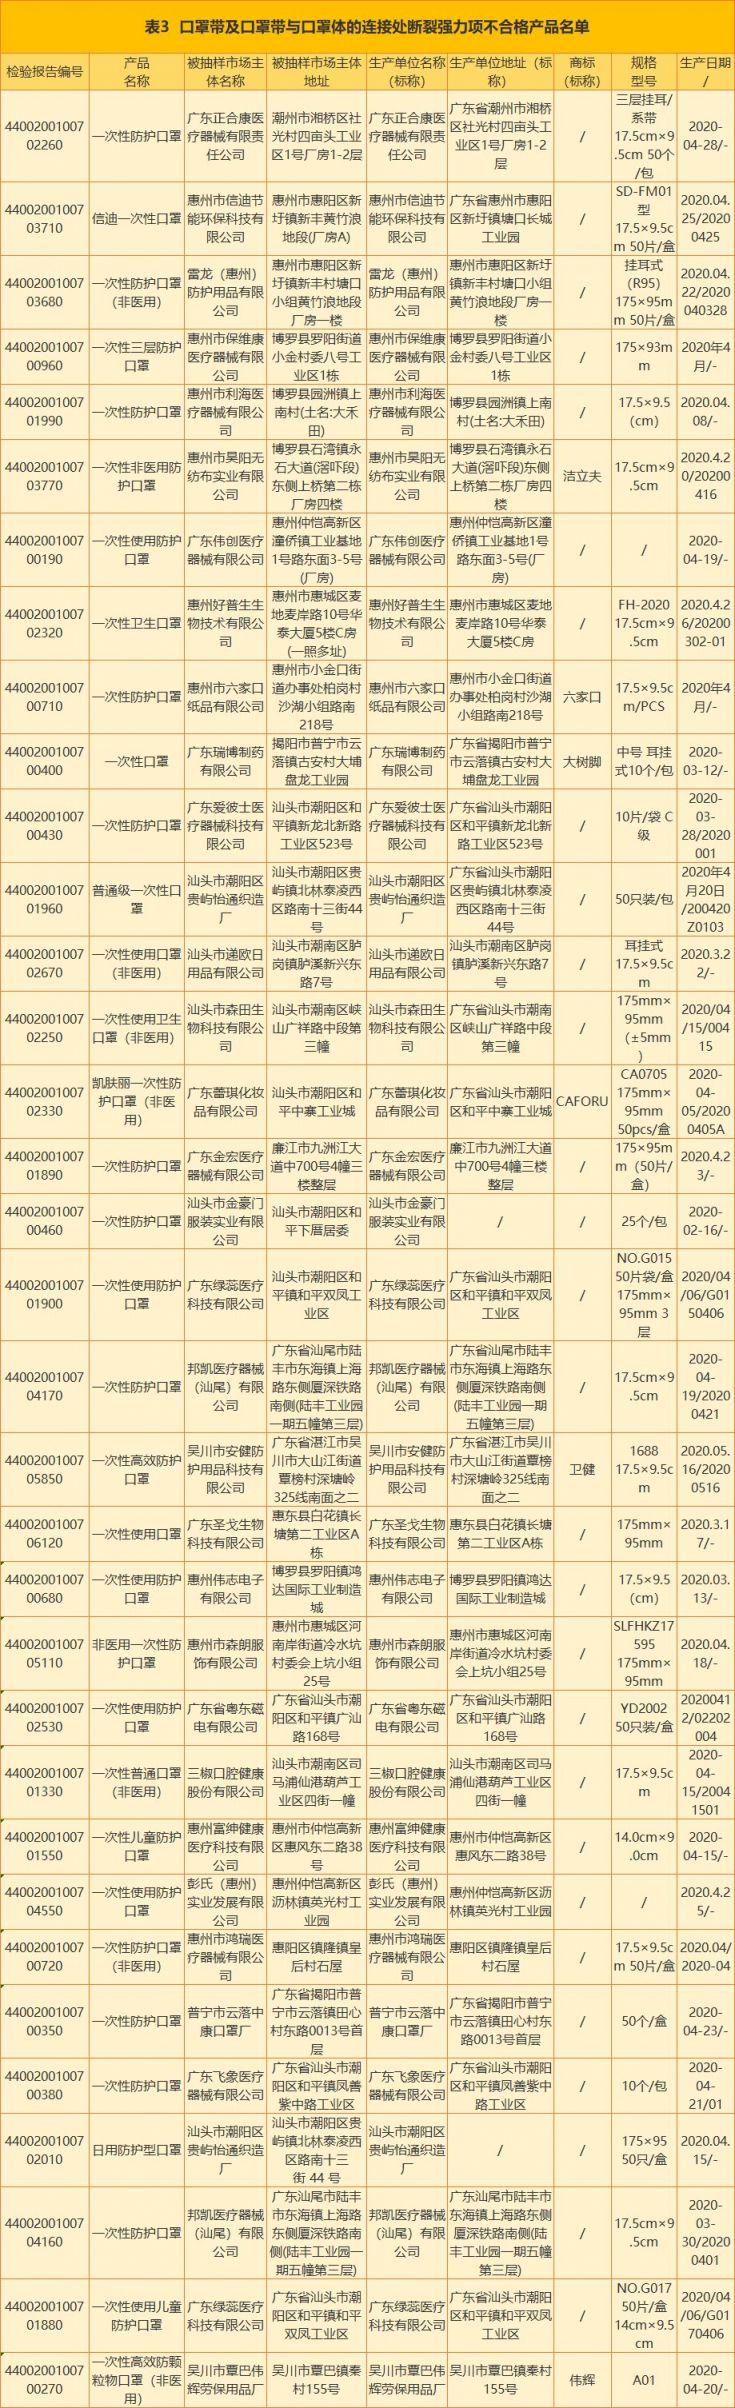 廣東公布不合格口罩名單(最新消息)